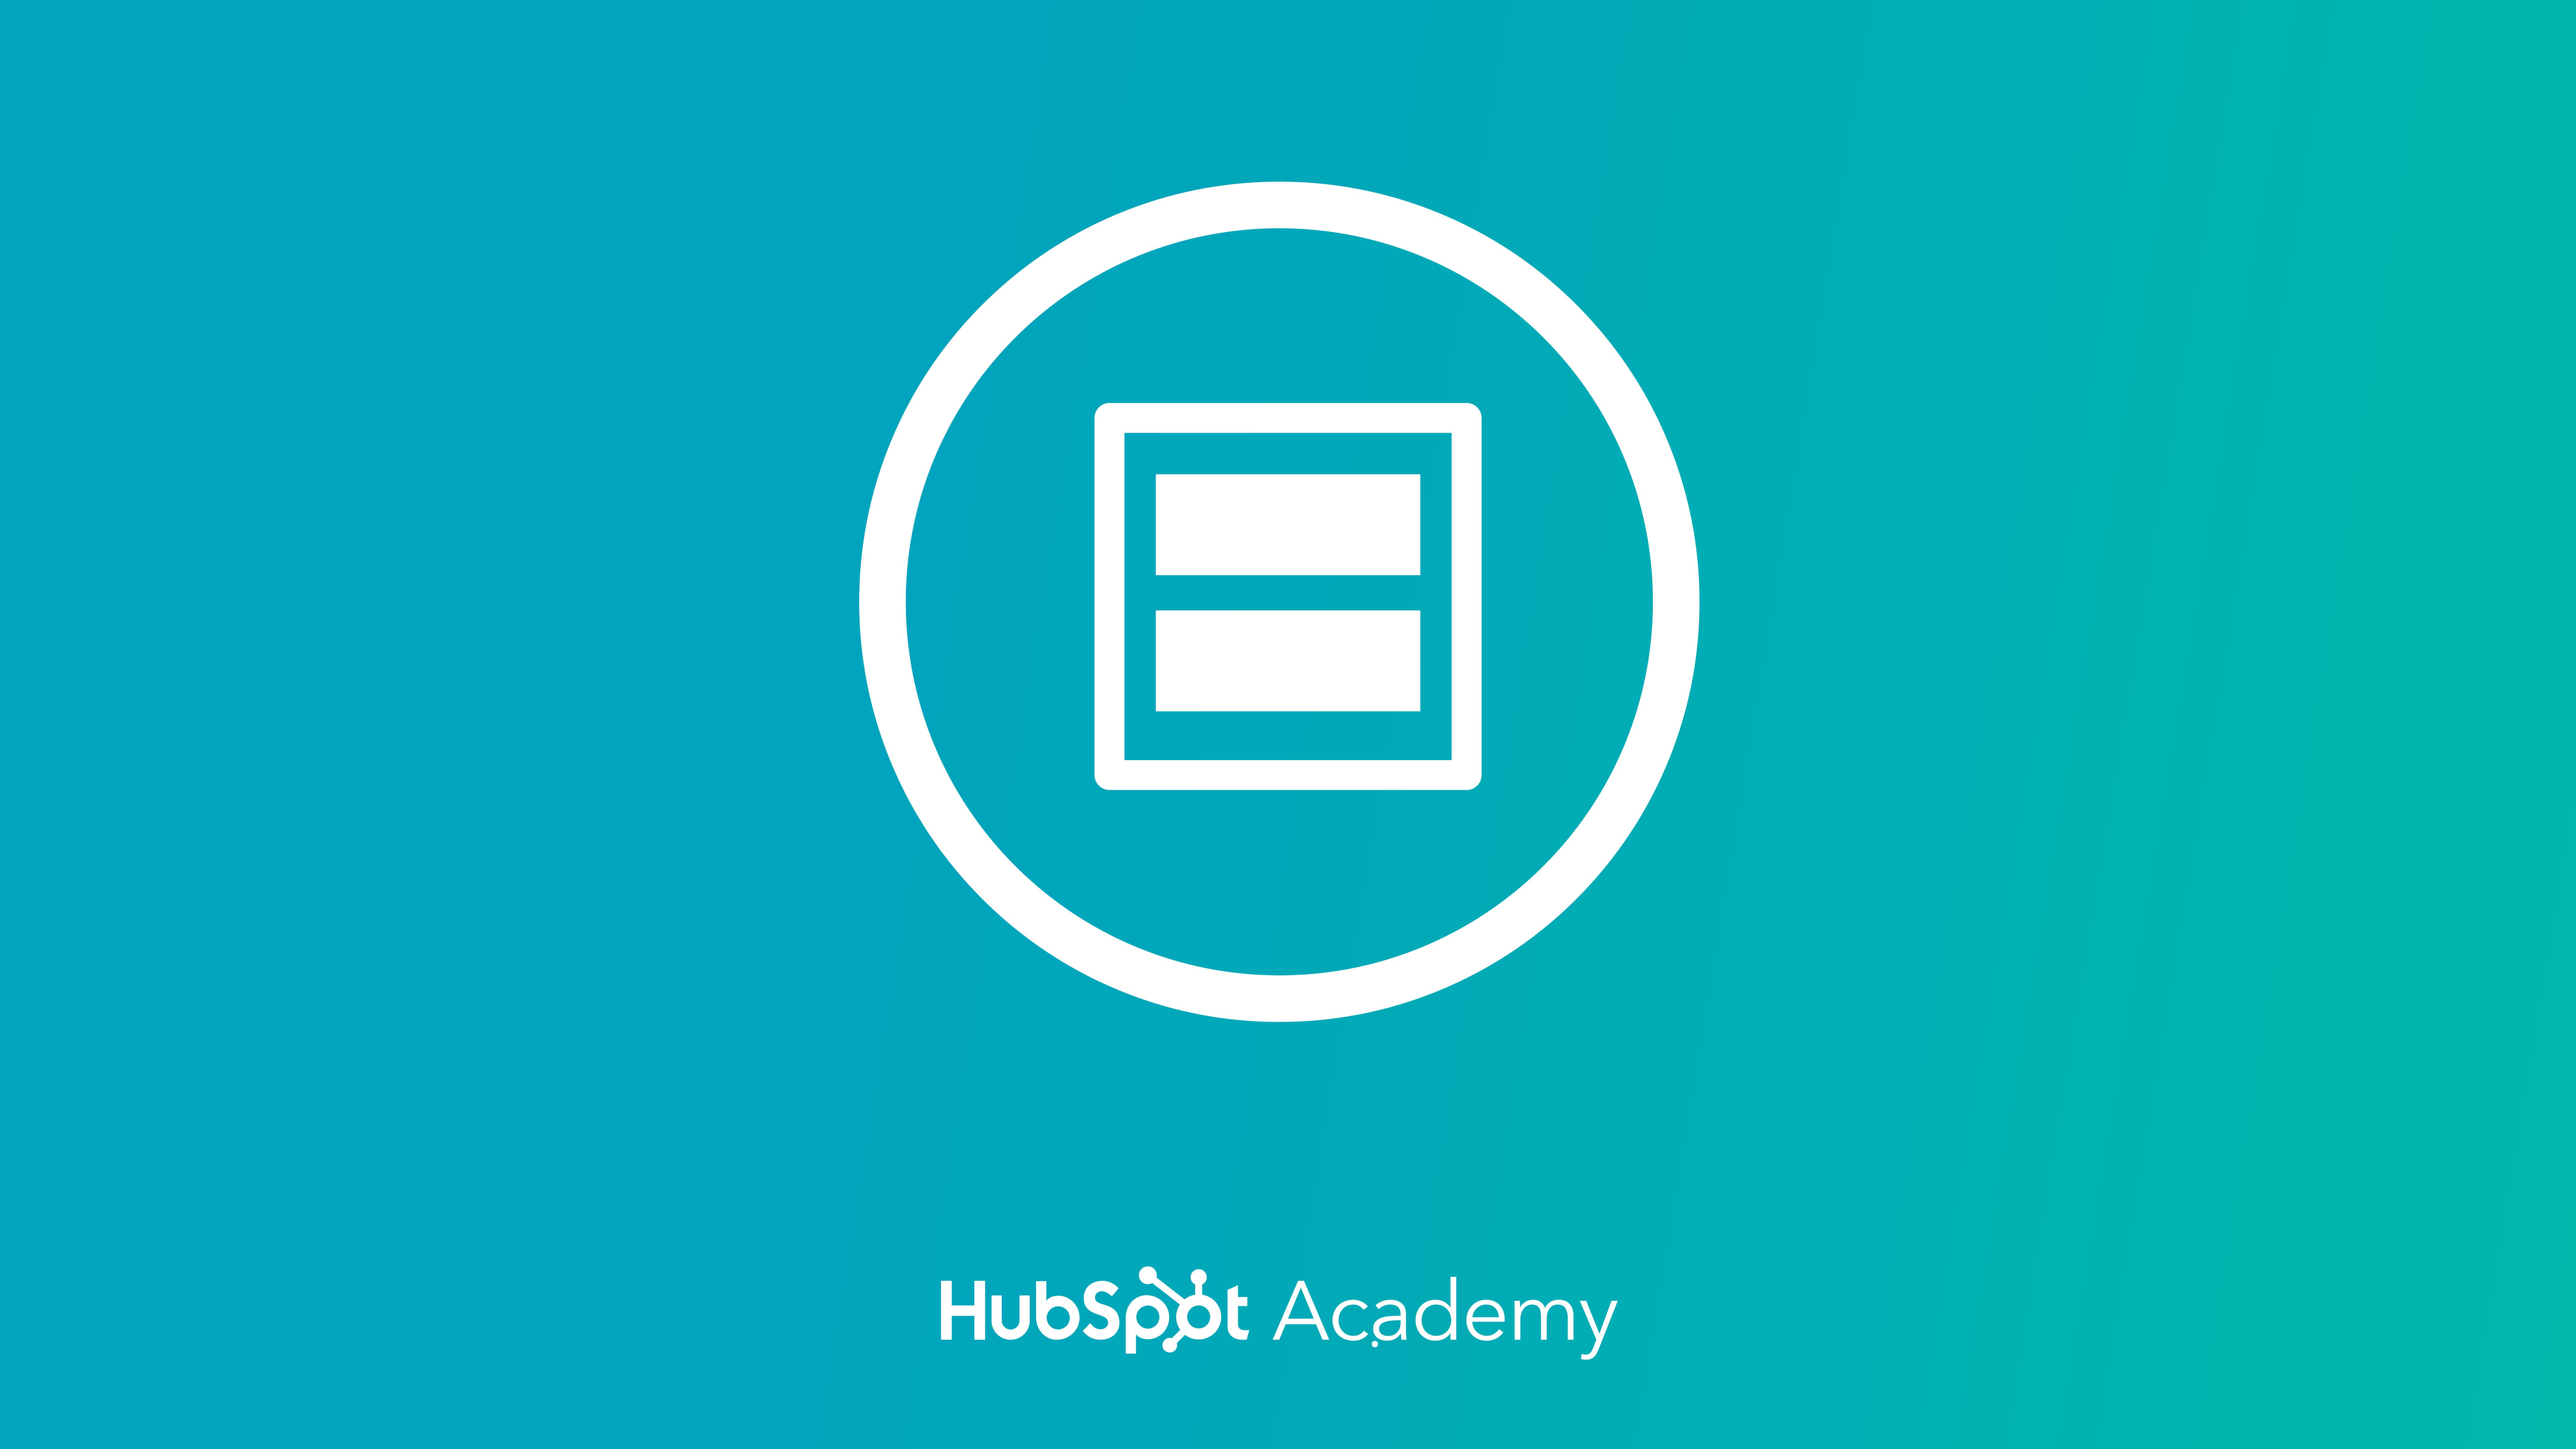 HubSpot Design Certification course by HubSpot Academy